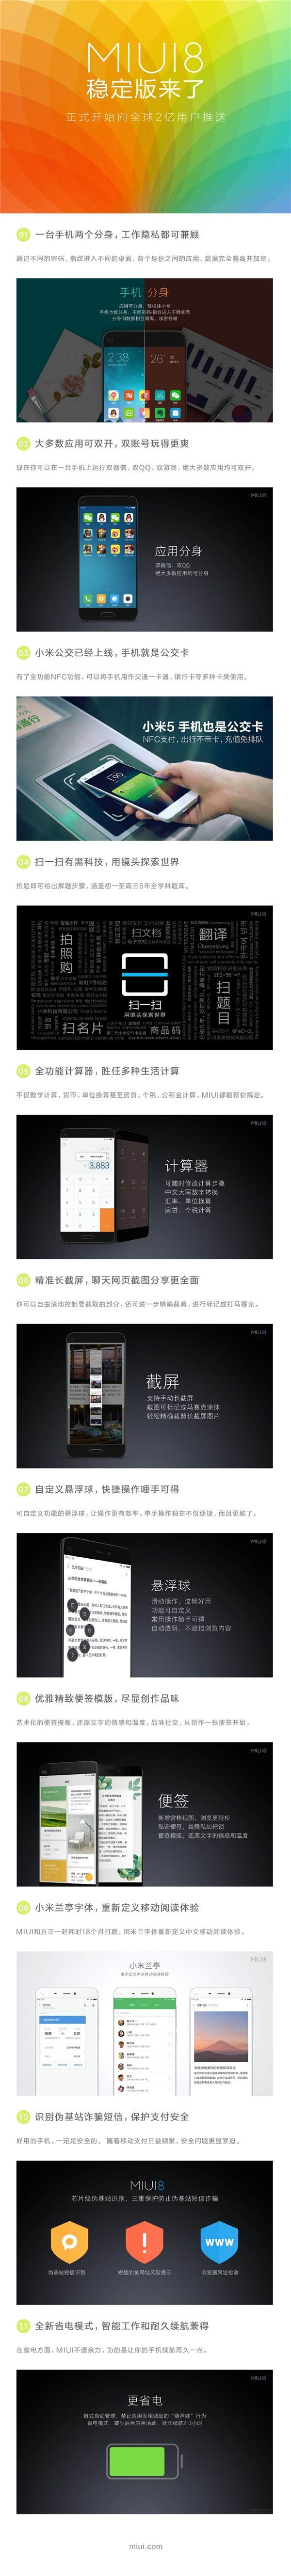 MIUI 8稳定版将于8月23日正式推送的照片 - 10